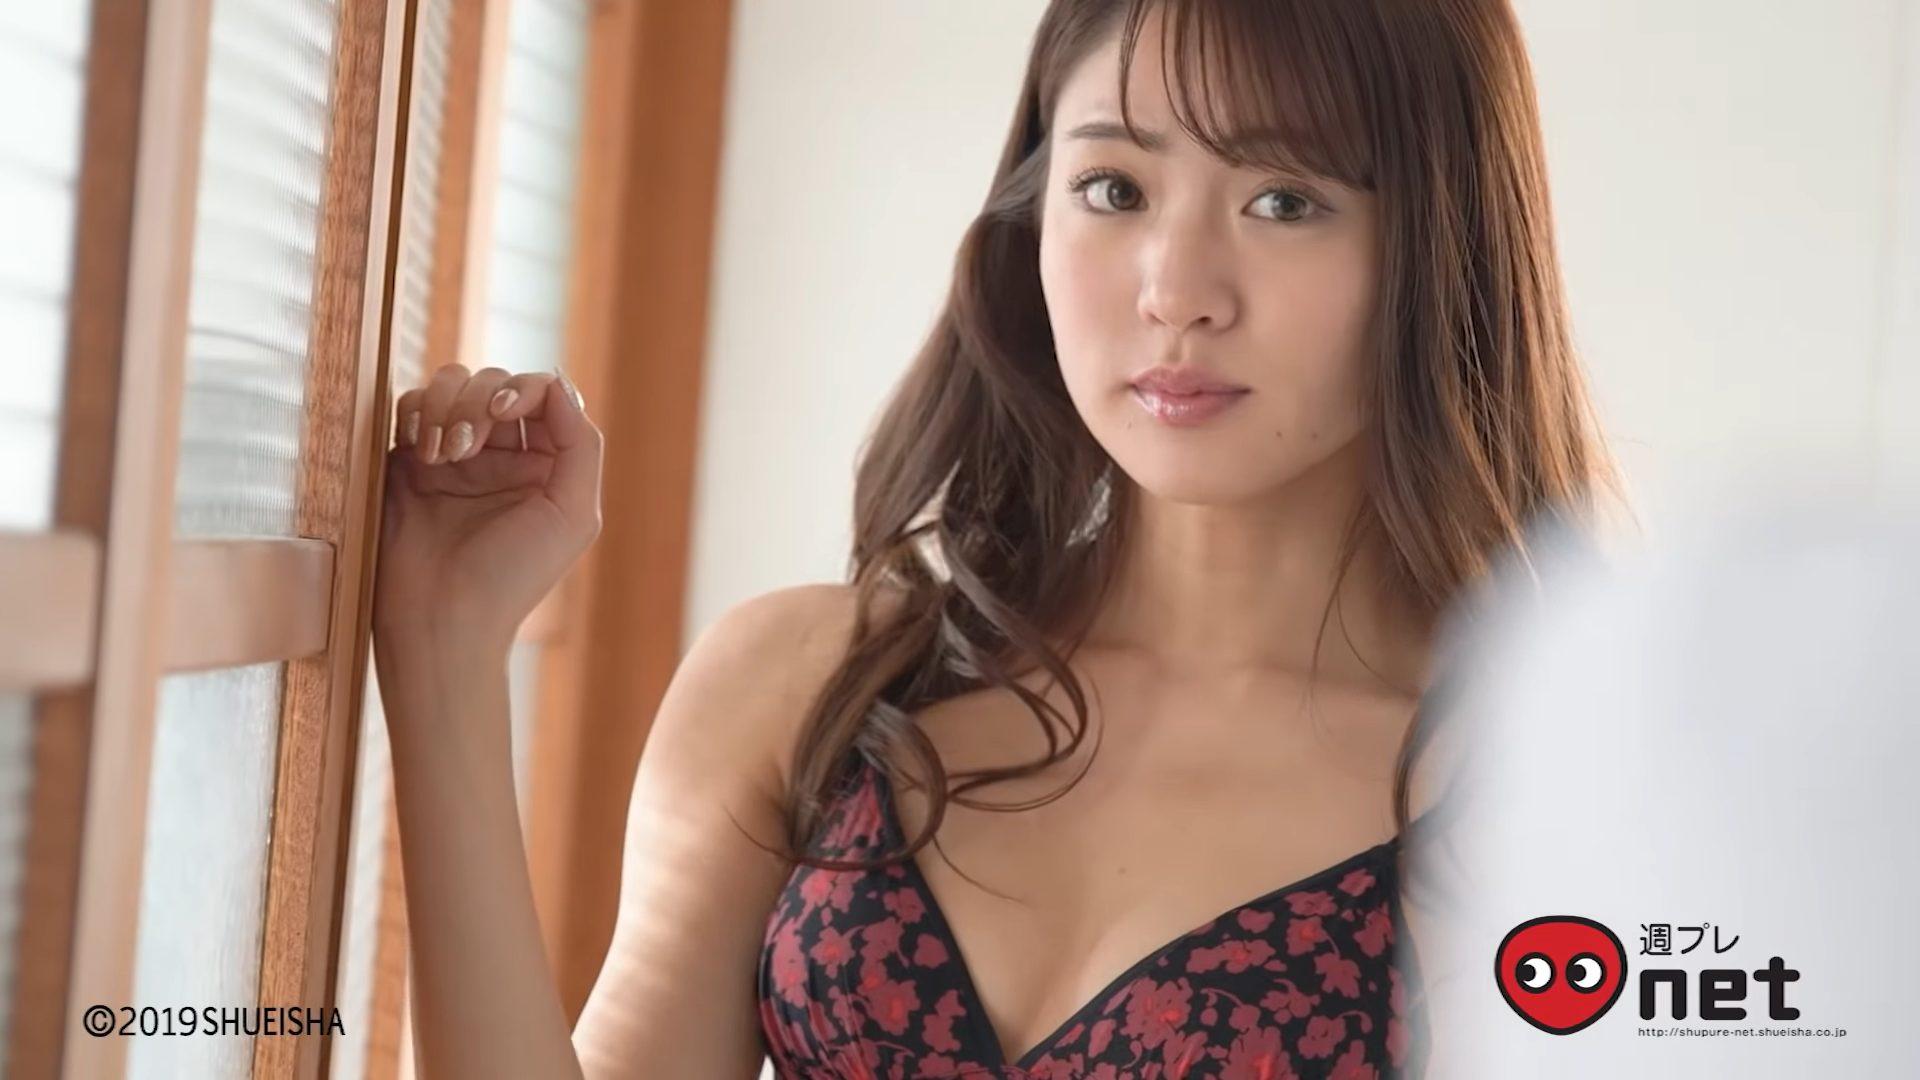 【志田友美】Aカップ2 初めての週プレ!セクシーな格好で魅了する!